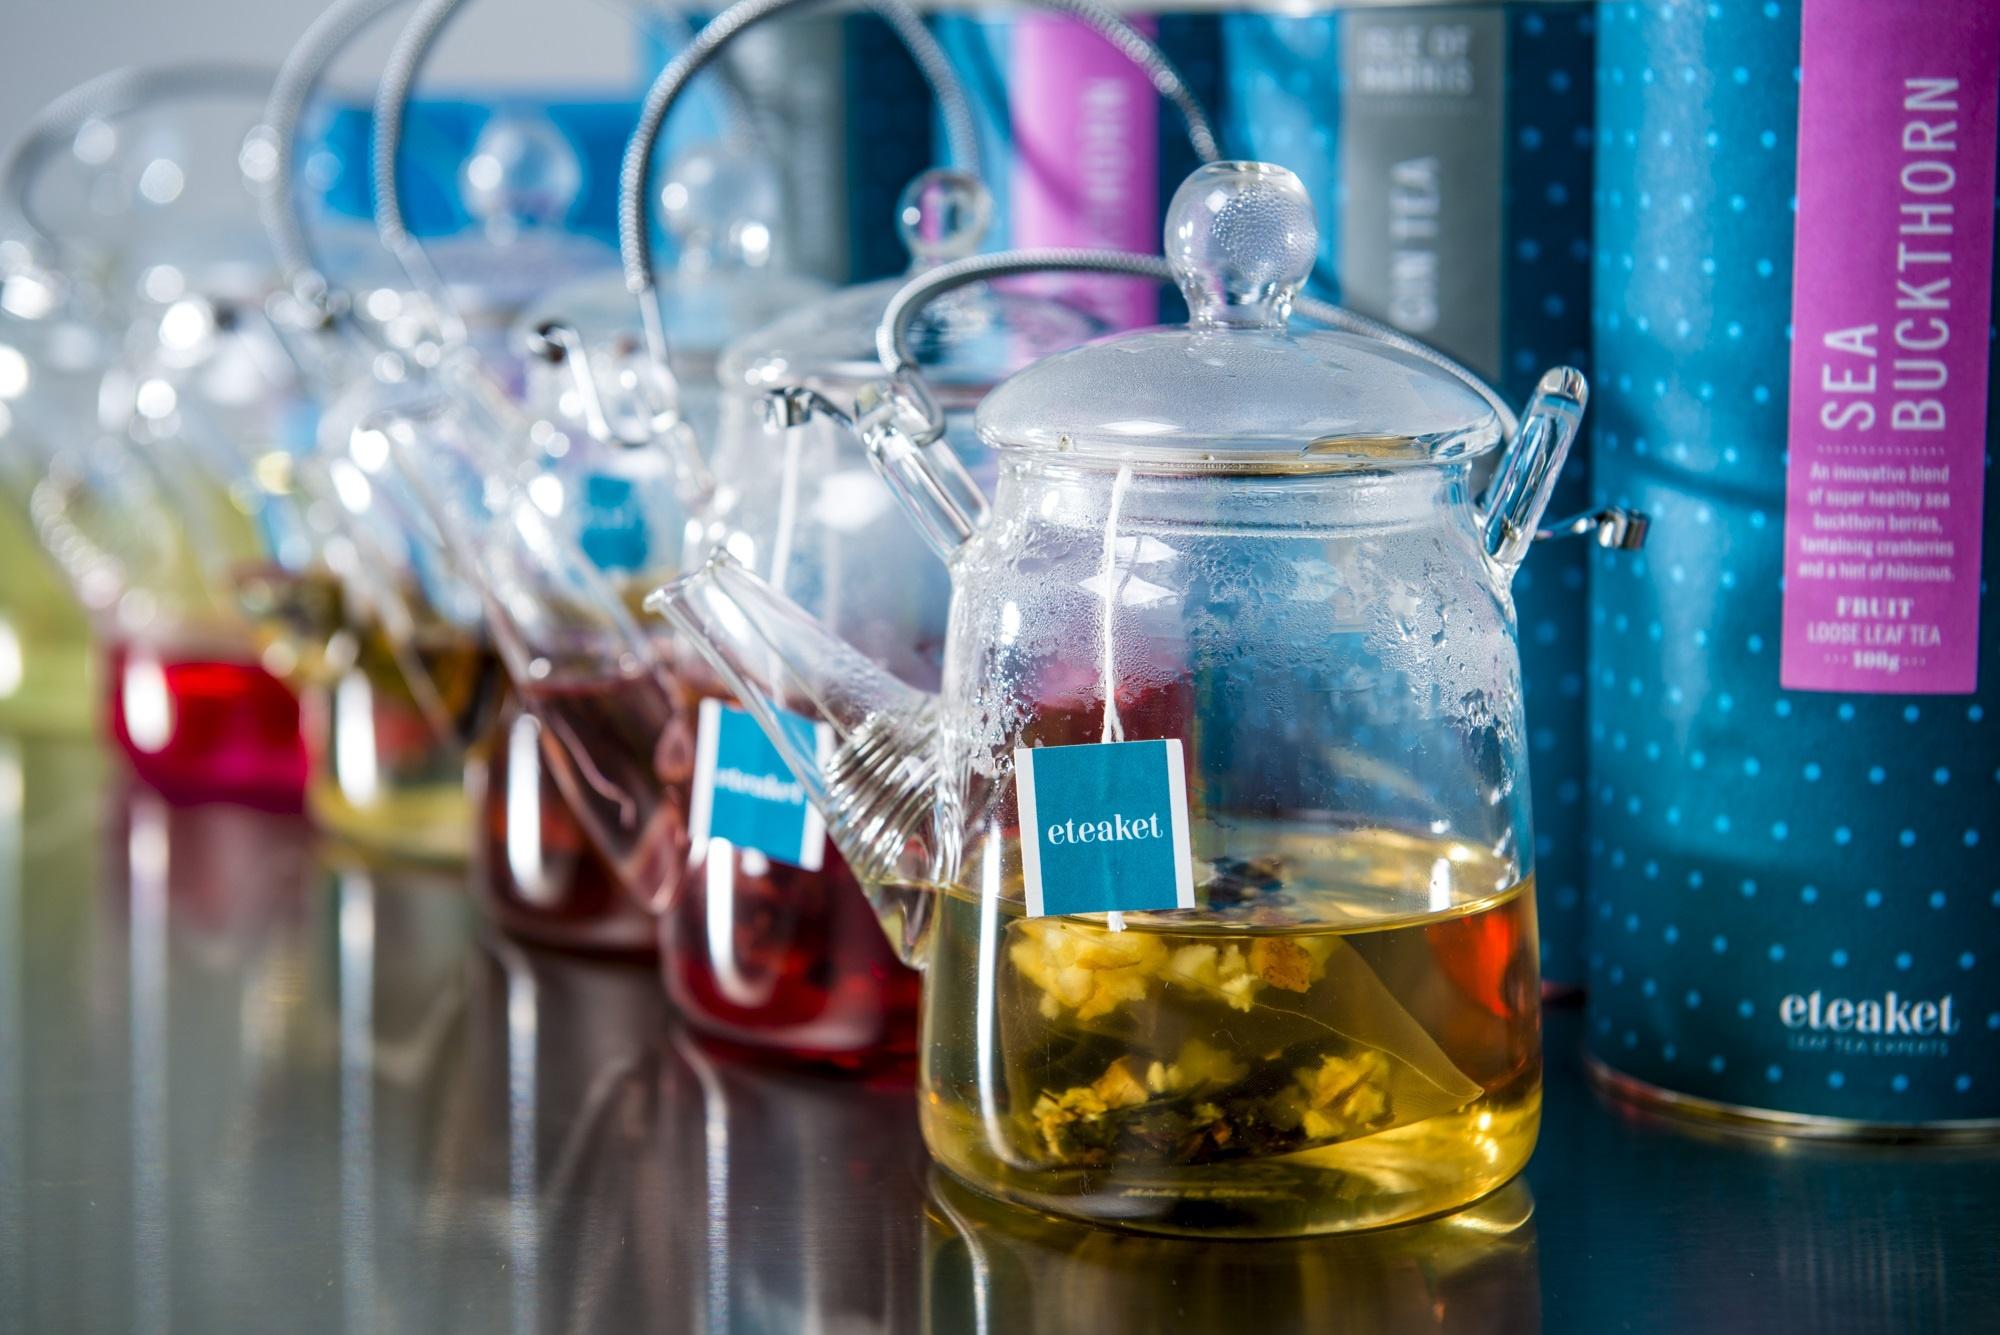 Tearista Tea Training Course (Foundation Level)